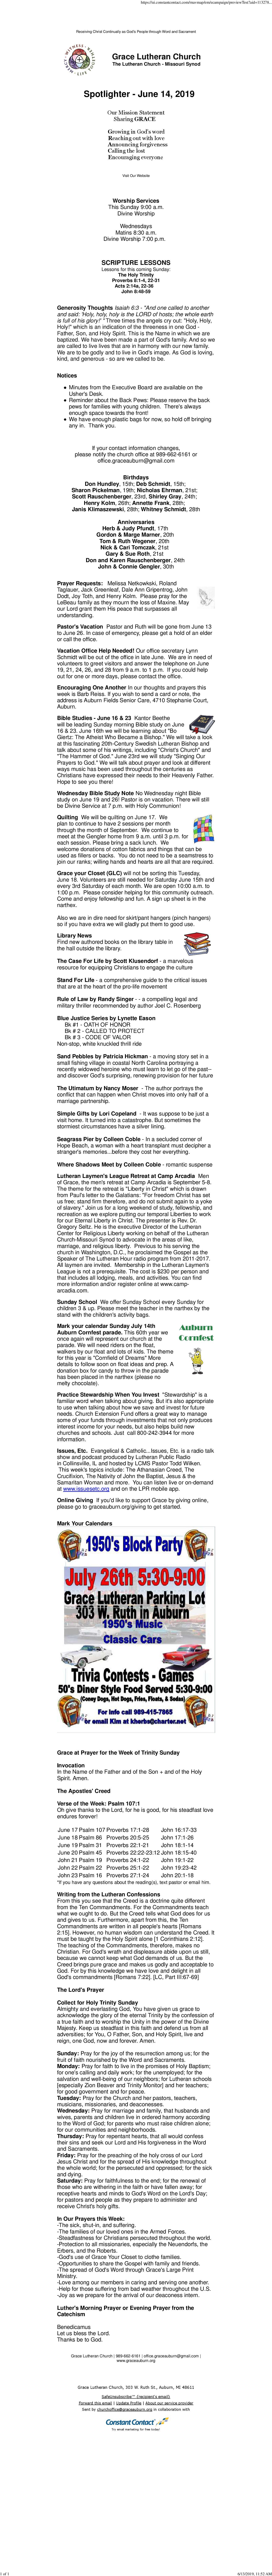 Spotlighter - June 14-page-001.jpg